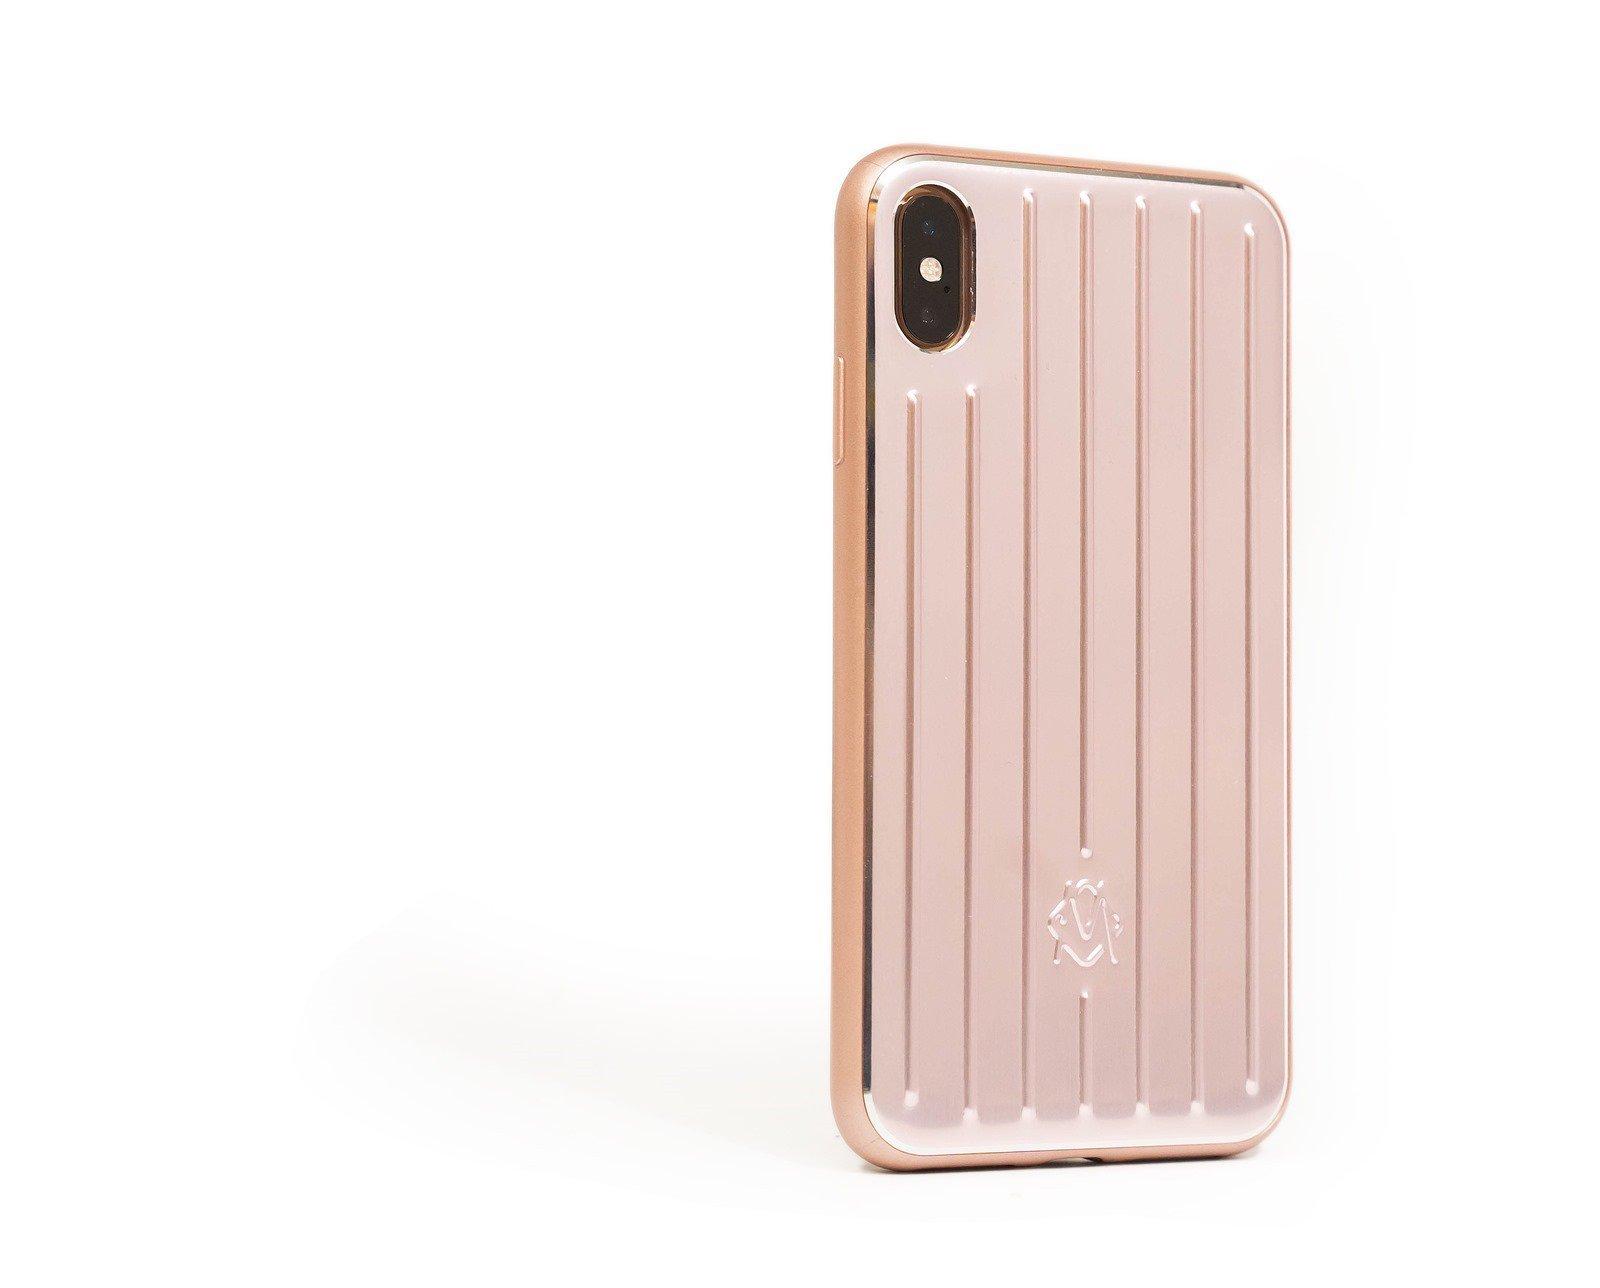 【開箱】地表最潮!正牌Rimowa原廠iPhone手機殼來了!